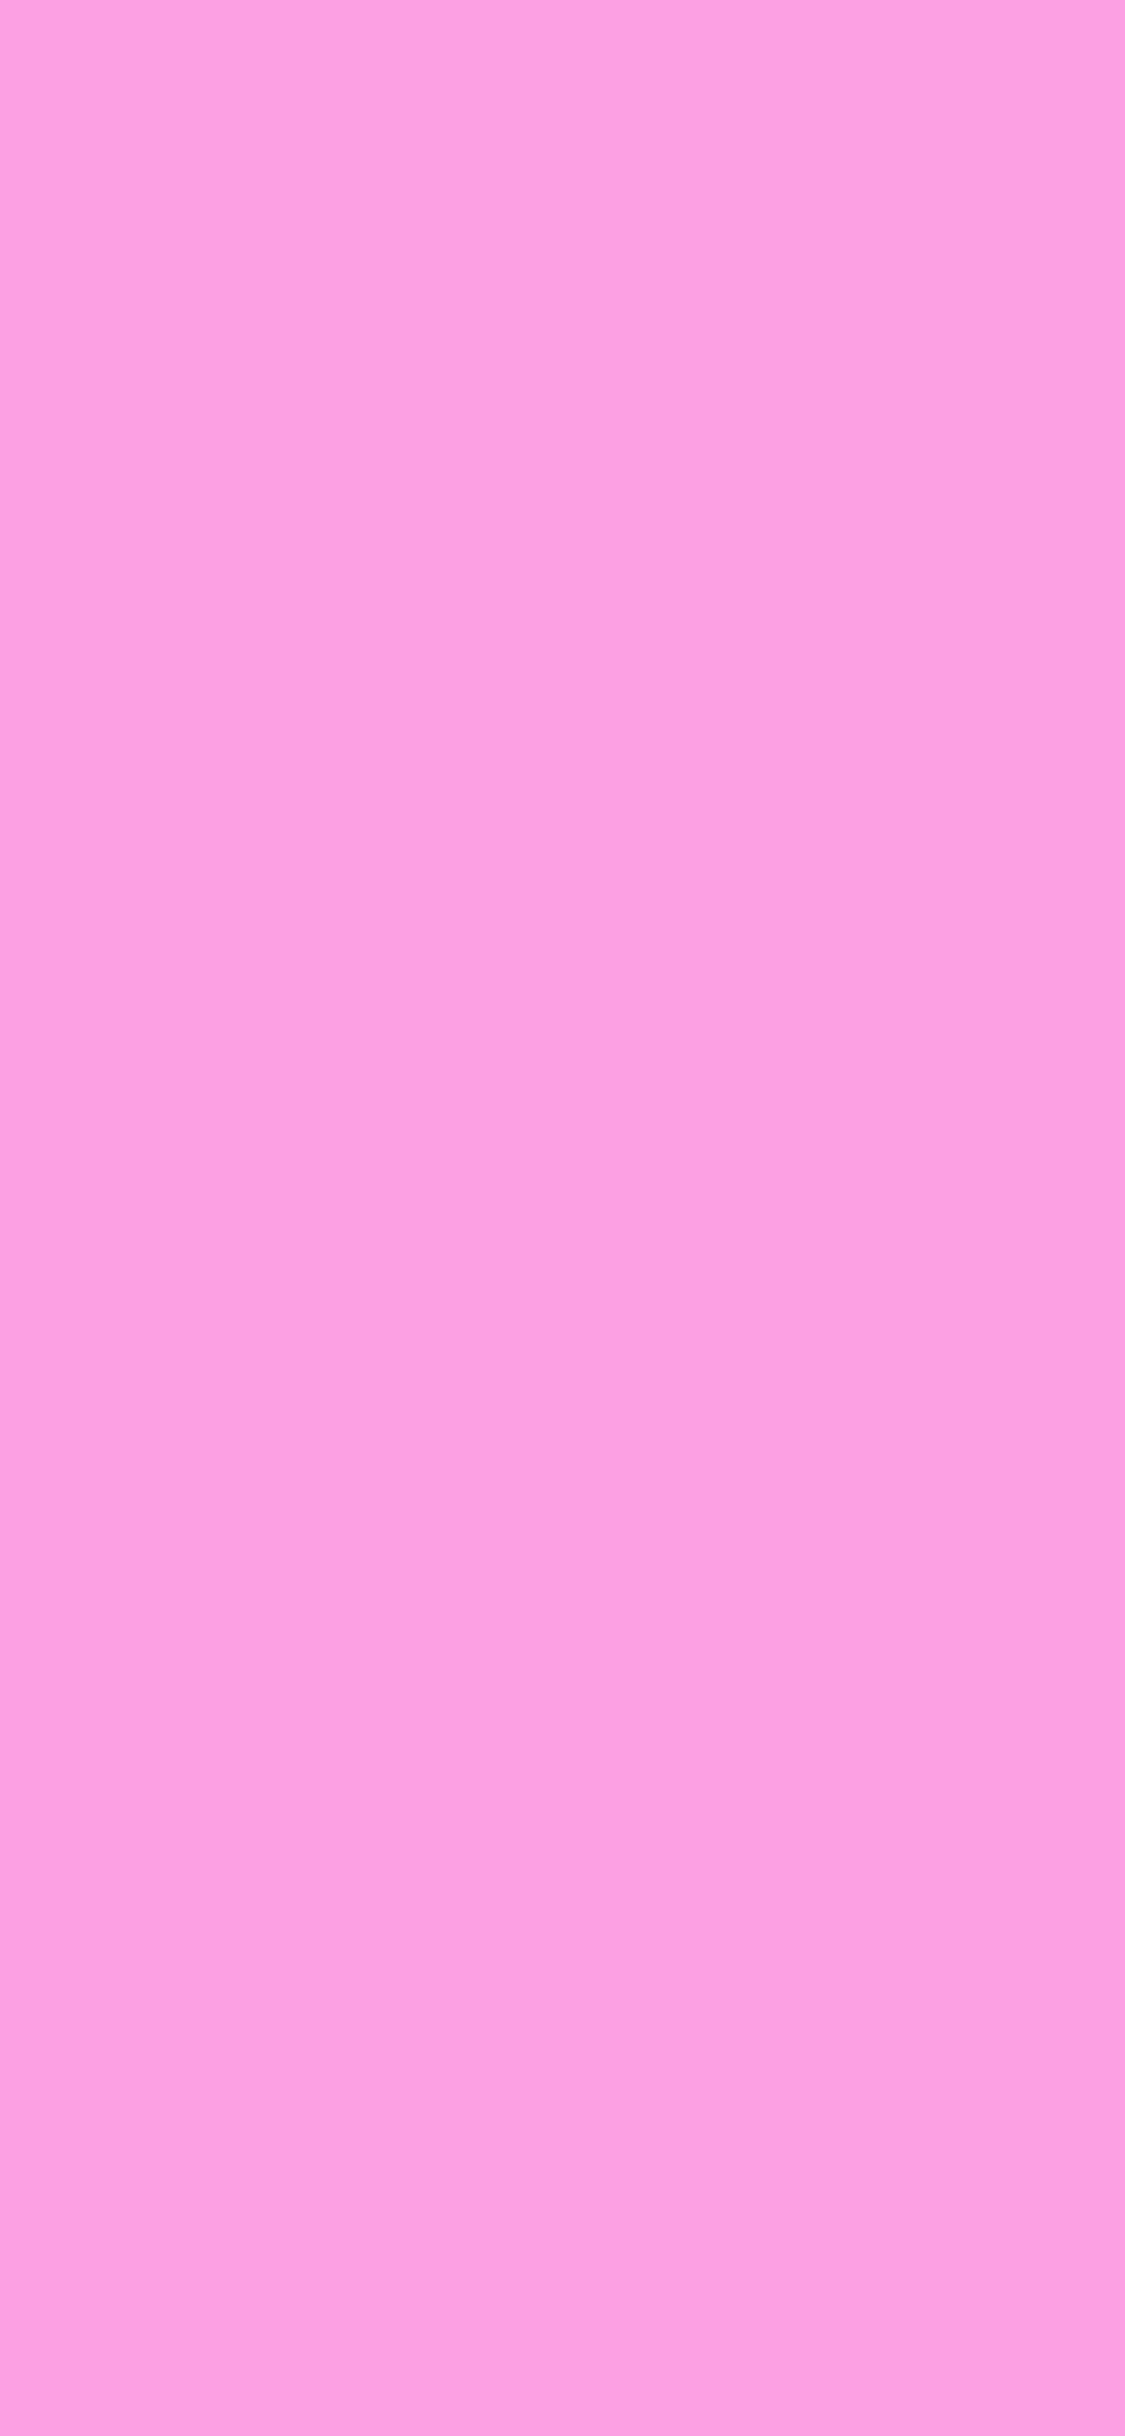 1125x2436 Lavender Rose Solid Color Background